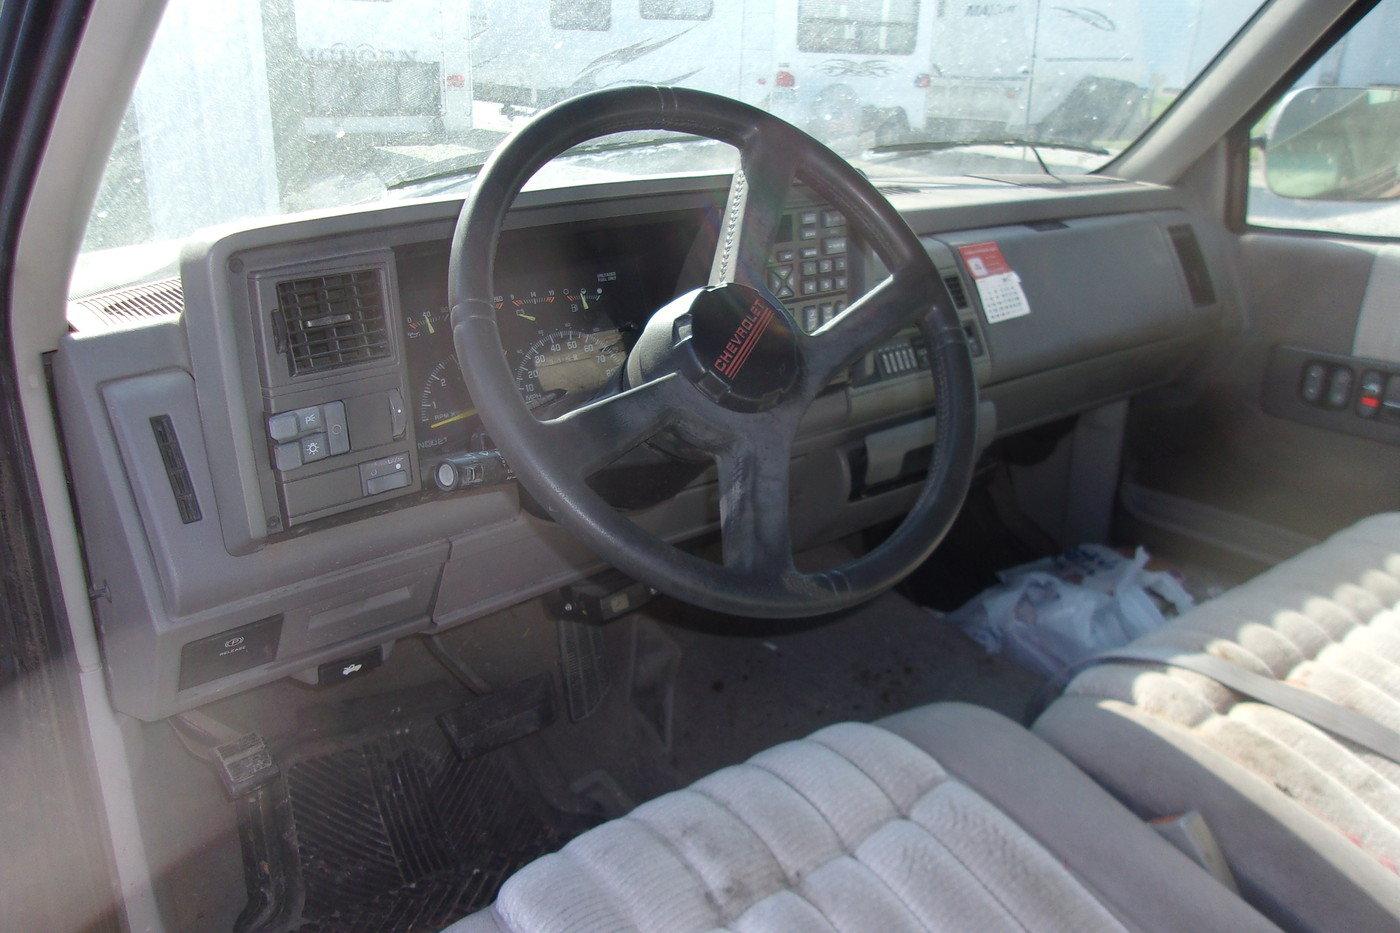 1994 Chevrolet Silverado Pickup $4800 USD For Sale (picture 4 of 6)